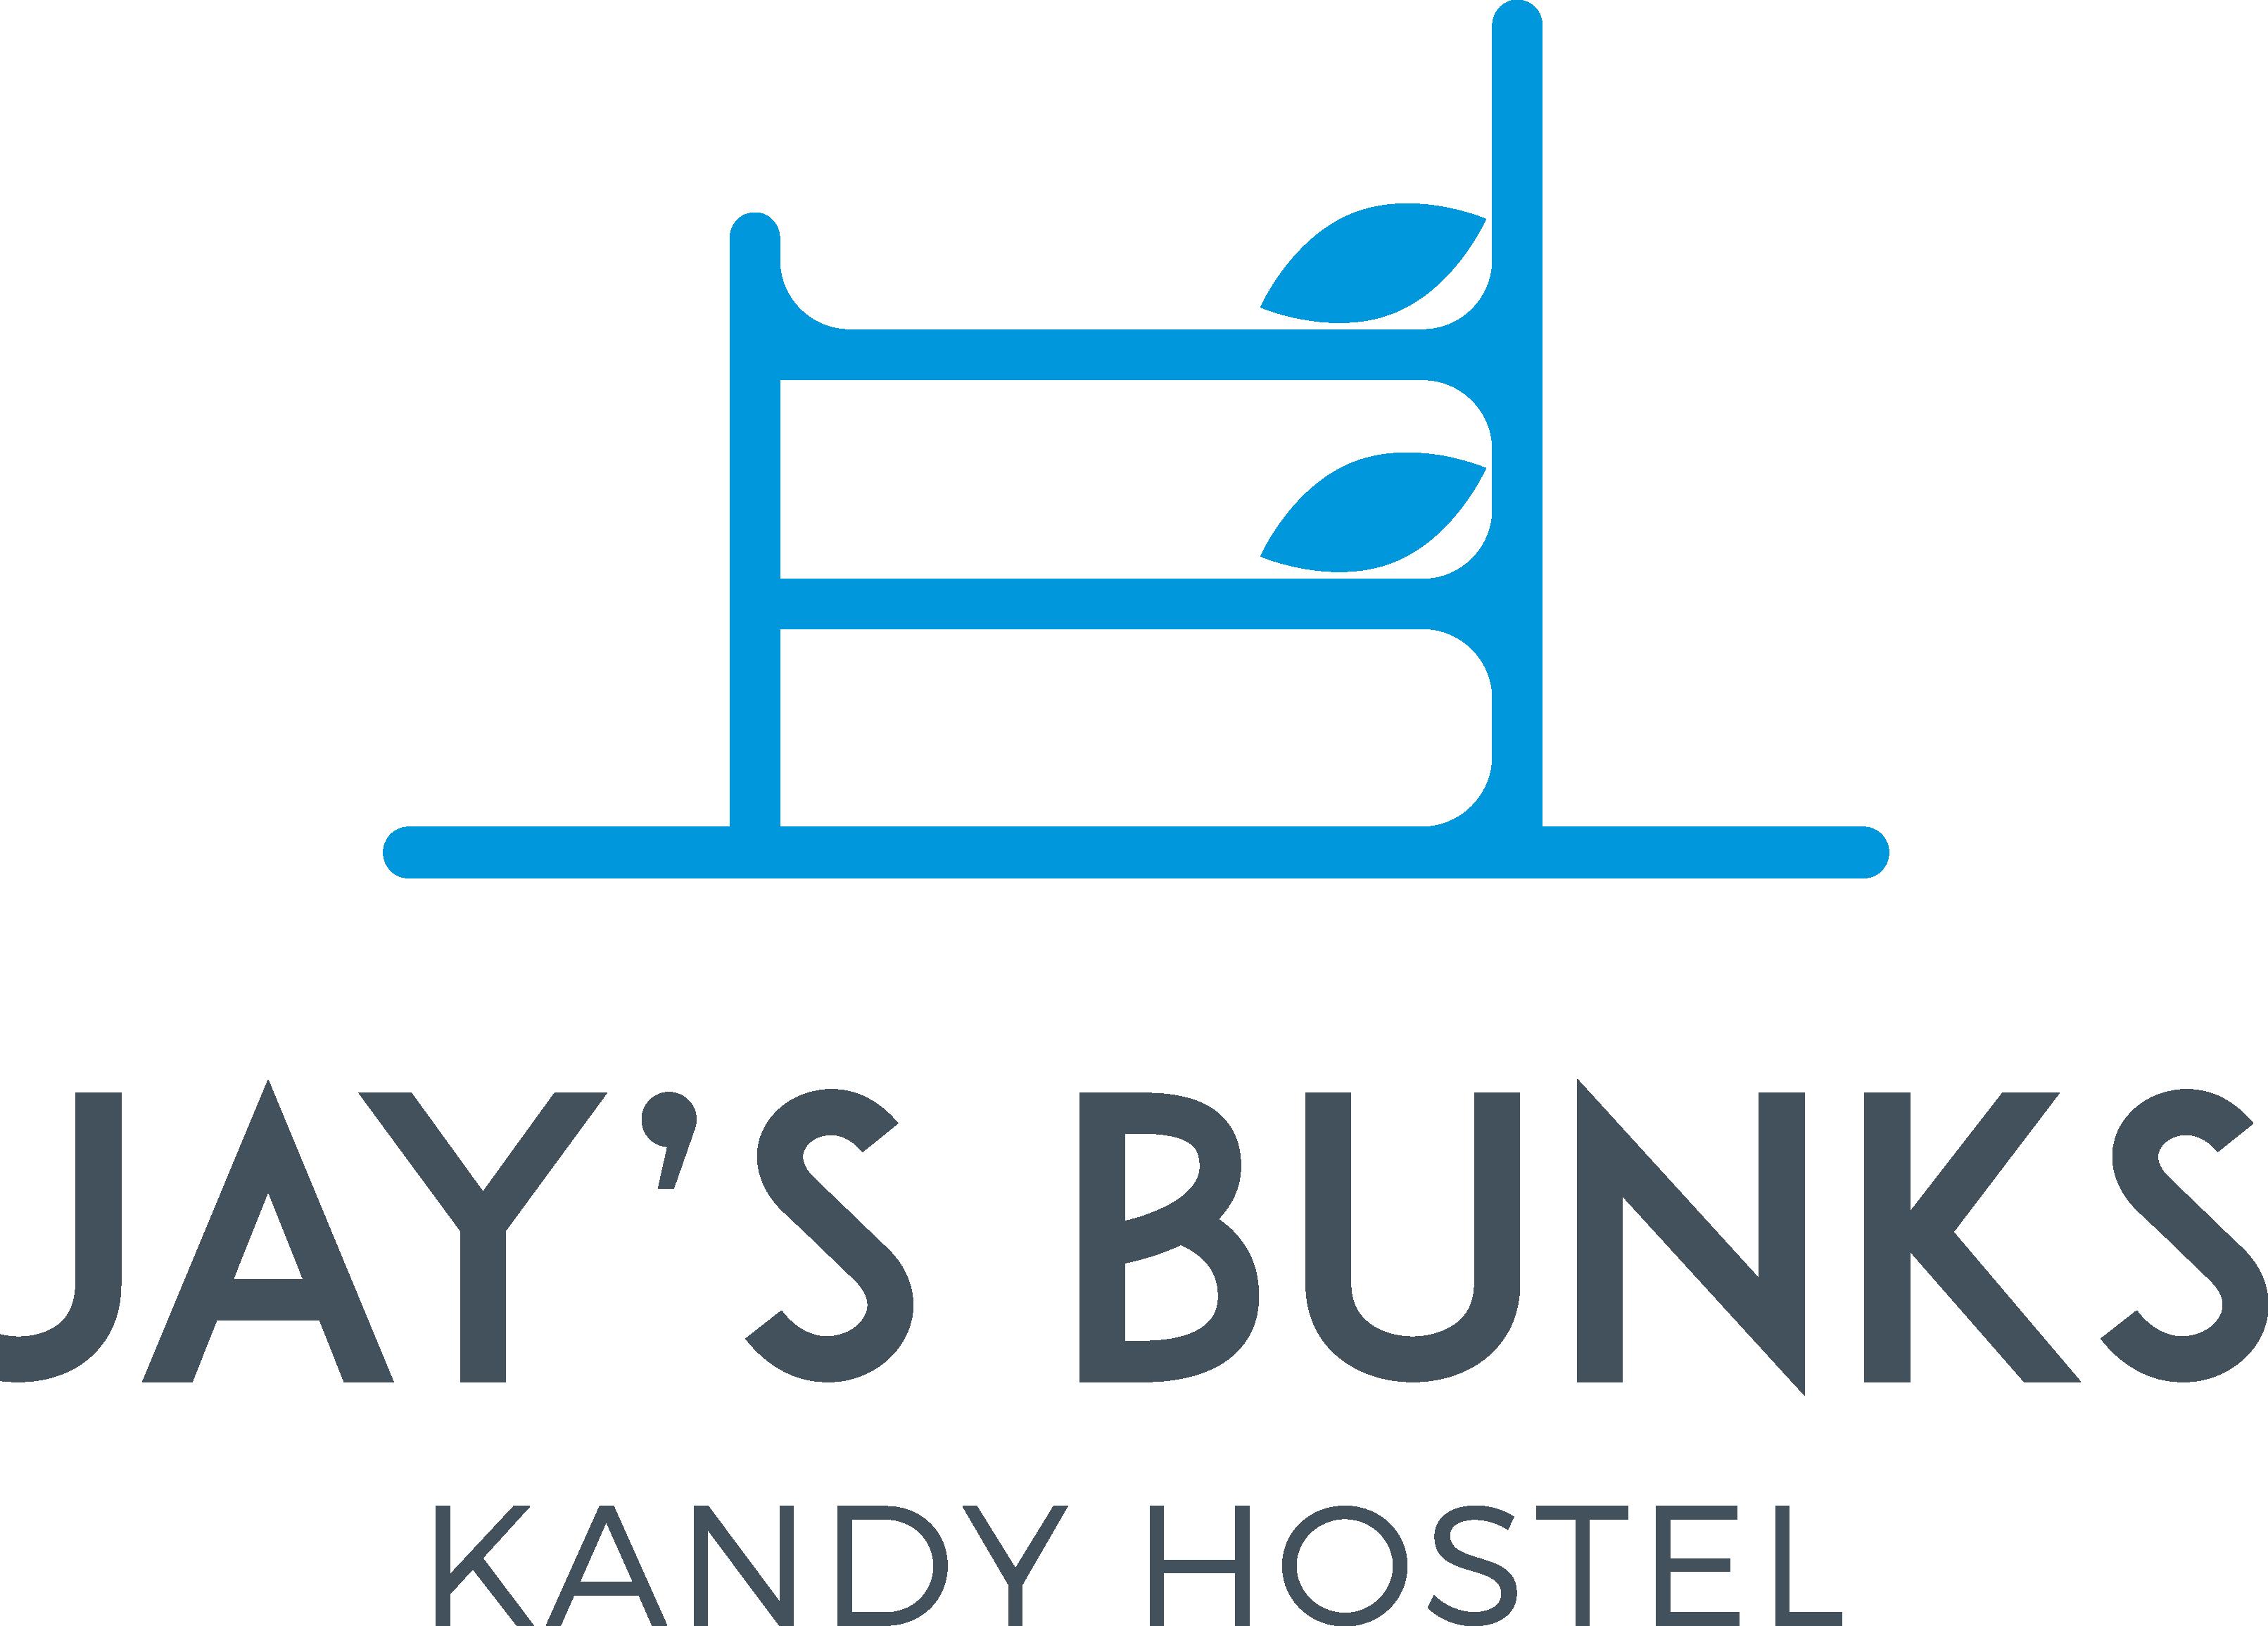 Jay's Bunks-Kandy Hostel